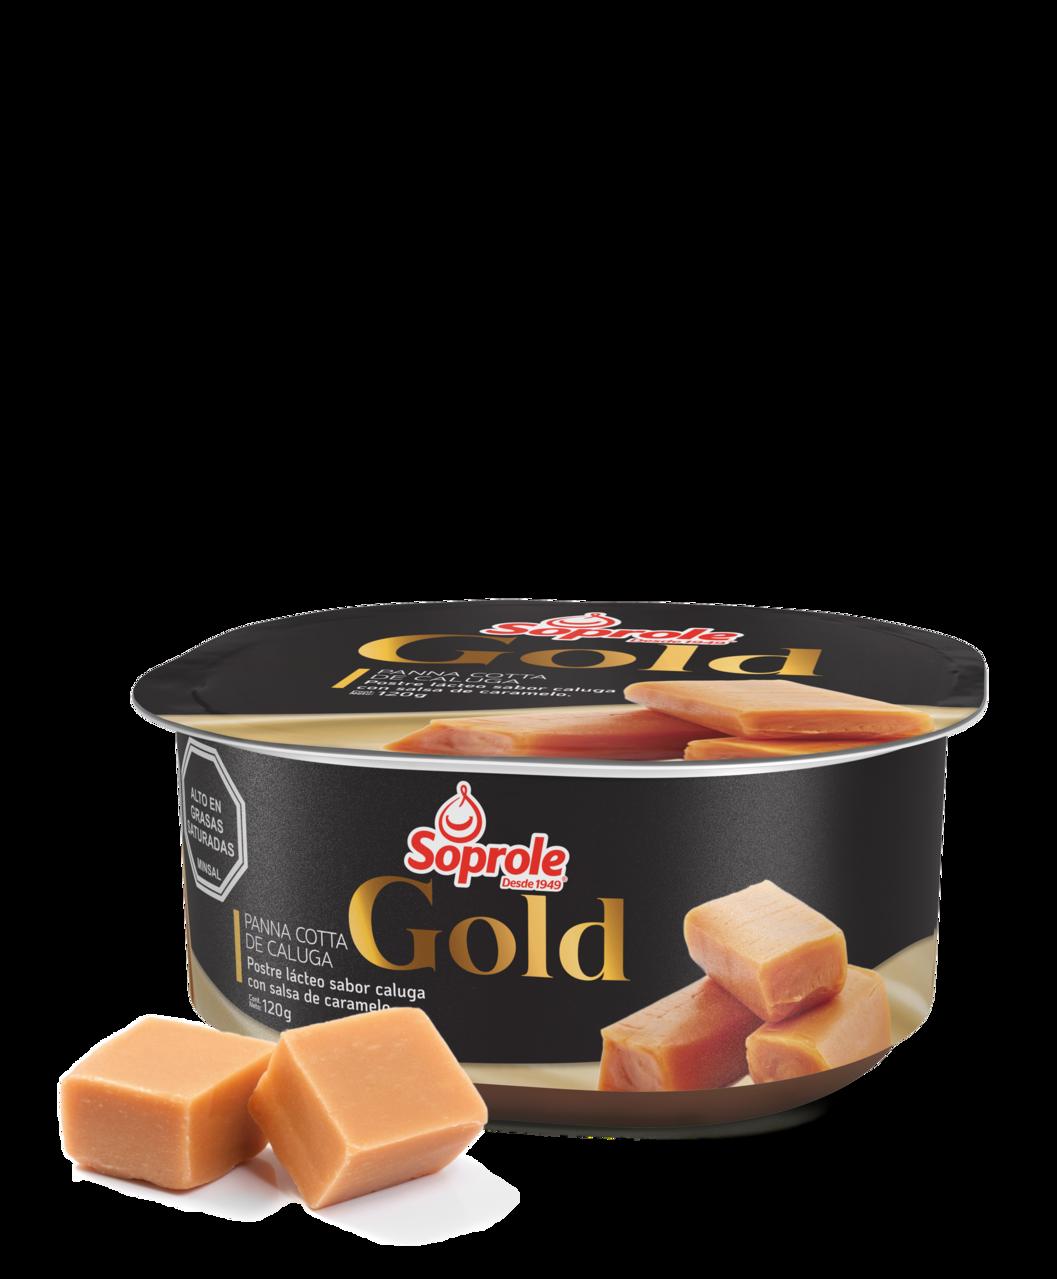 Soprole Gold panna cotta de caluga